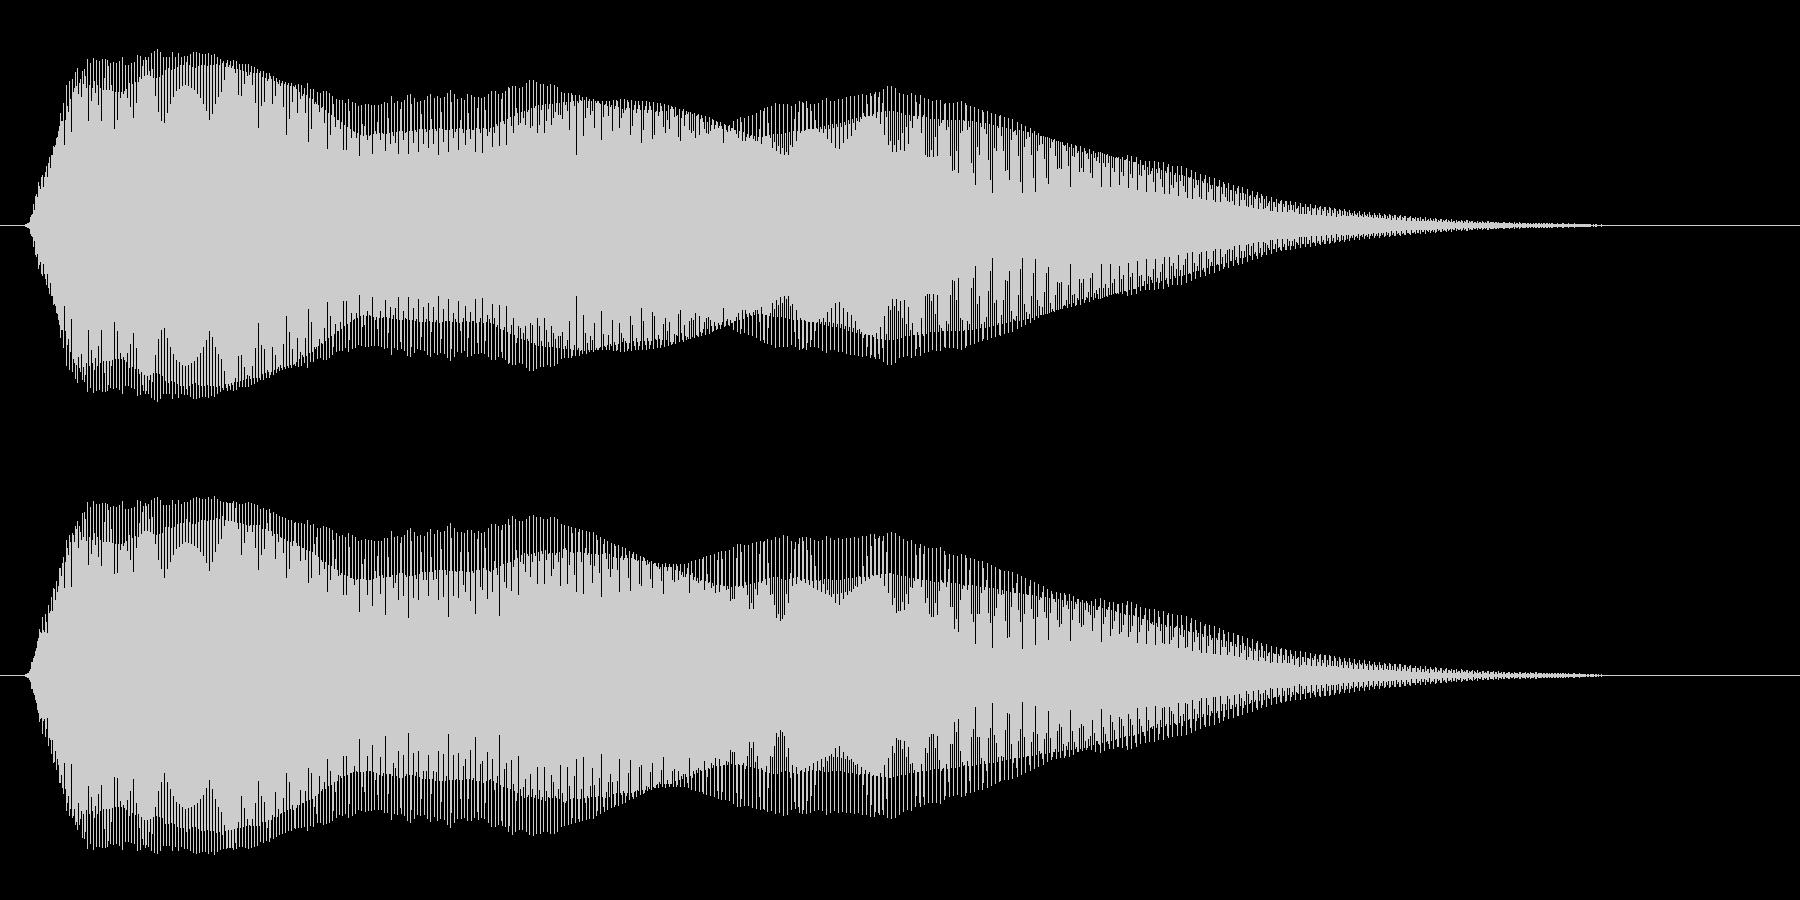 ピュゥゥ〜ン(ユーモラスで余韻のある音)の未再生の波形